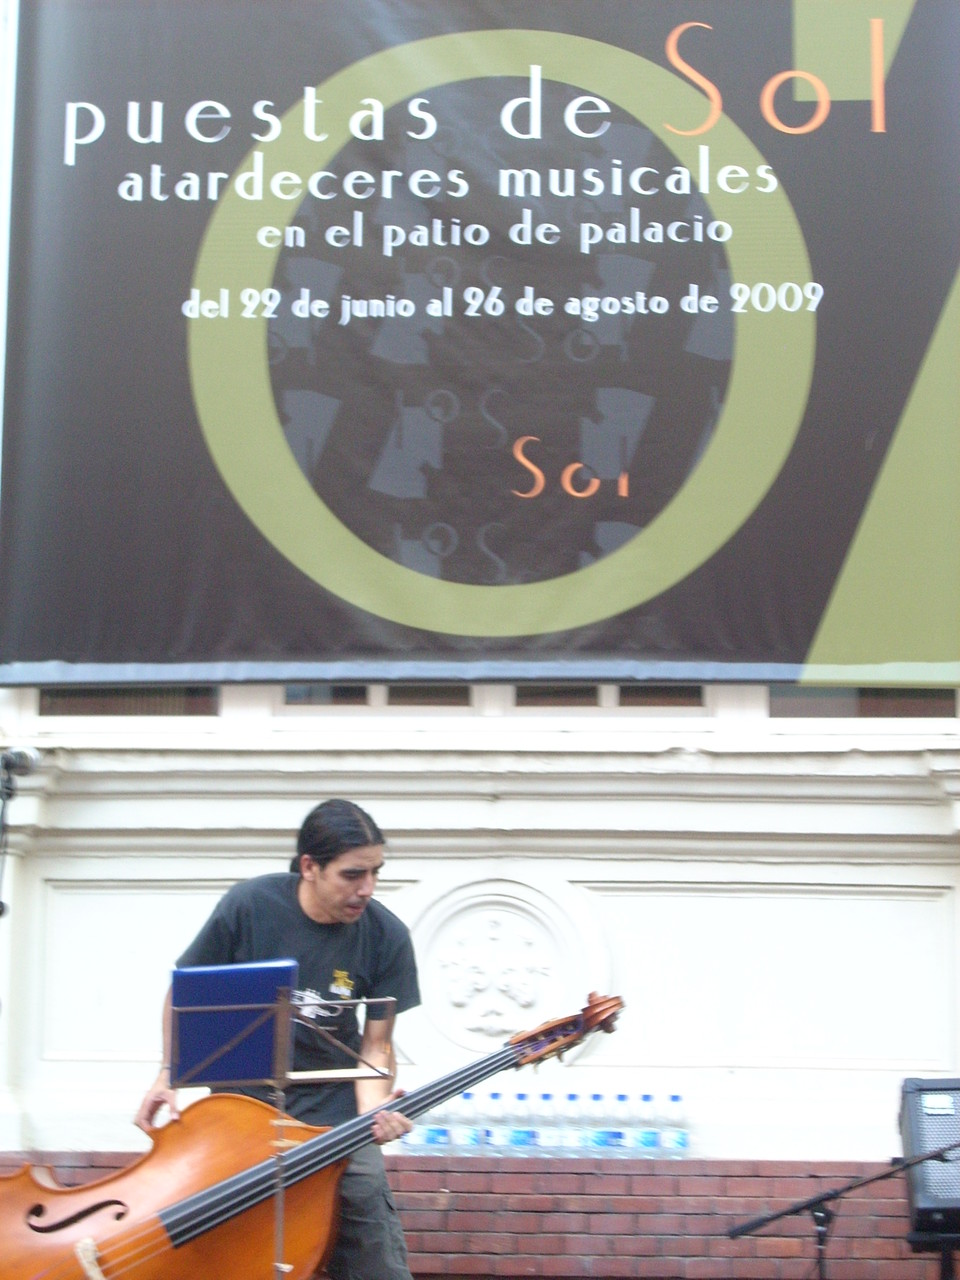 JAVIER DELGADO. CICLO PUESTAS DE SOL. PALENCIA. VERANO 2009